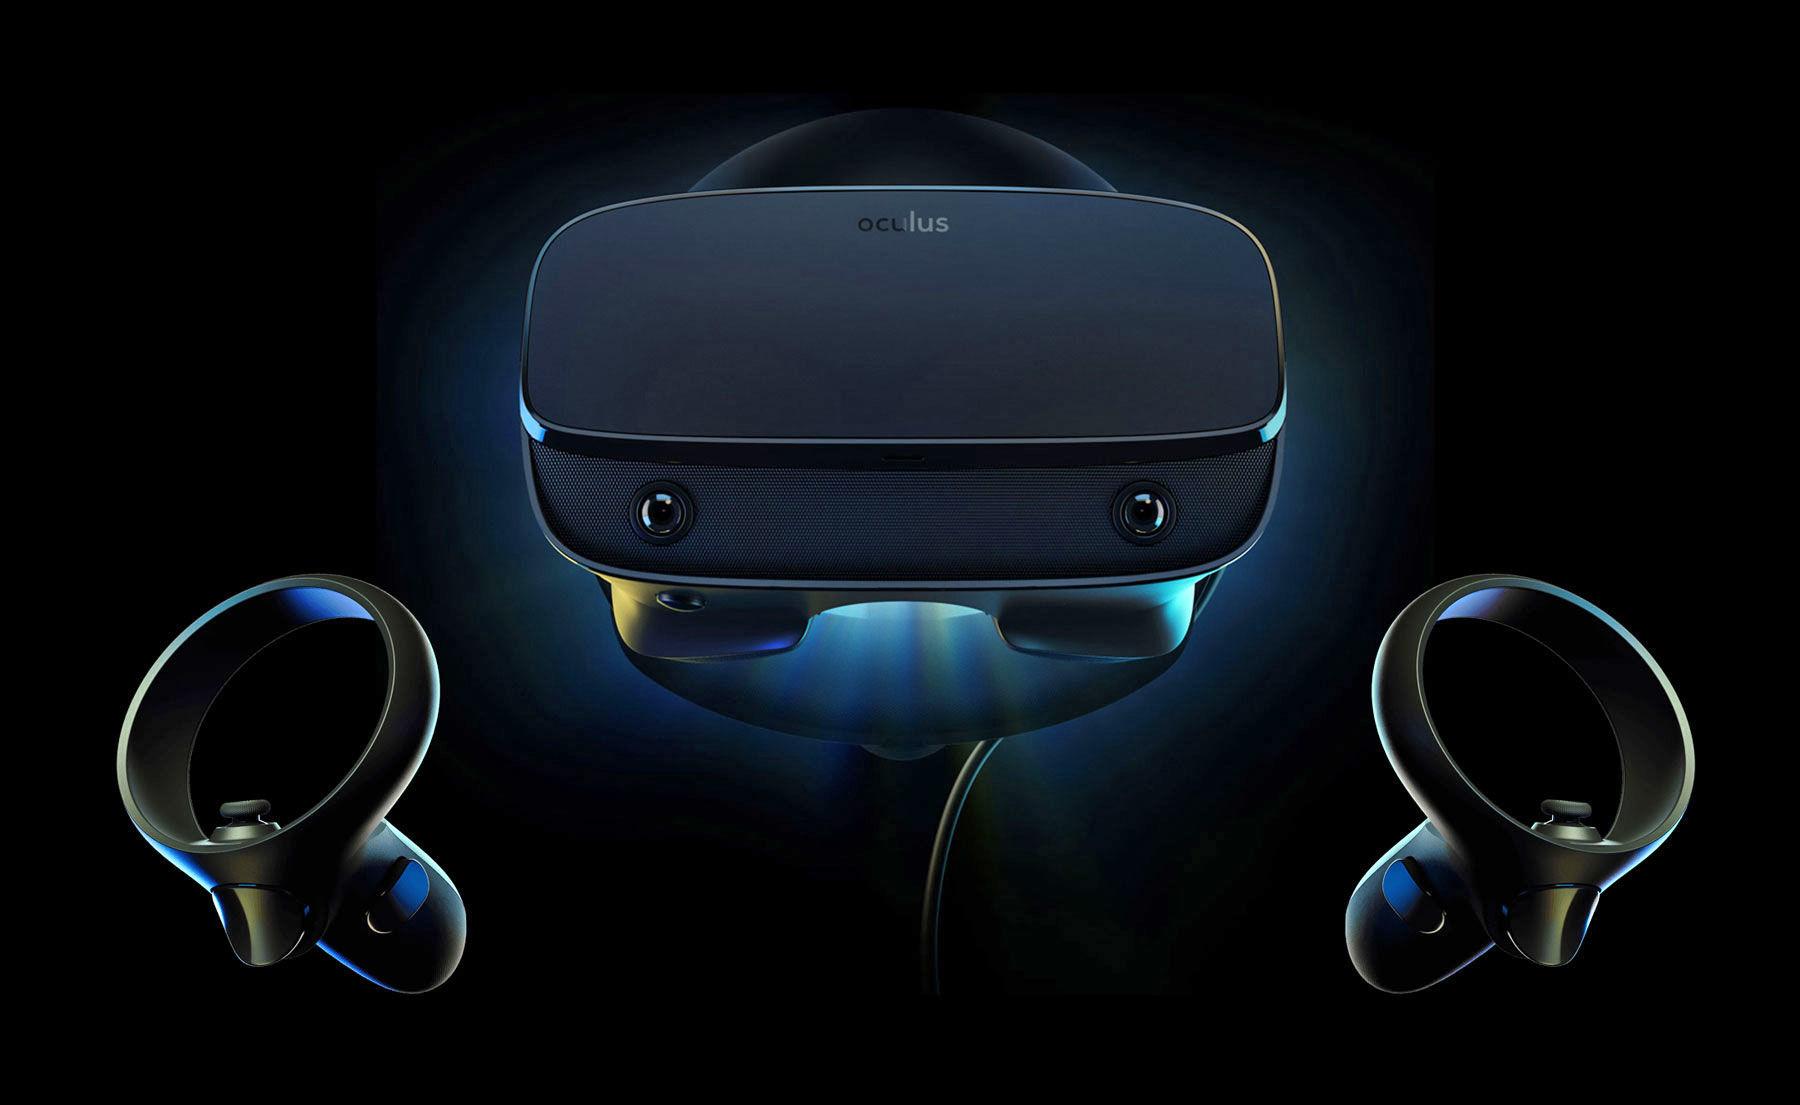 Oculus представила шлем виртуальной реальности Rift S— совстроенной системой отслеживания